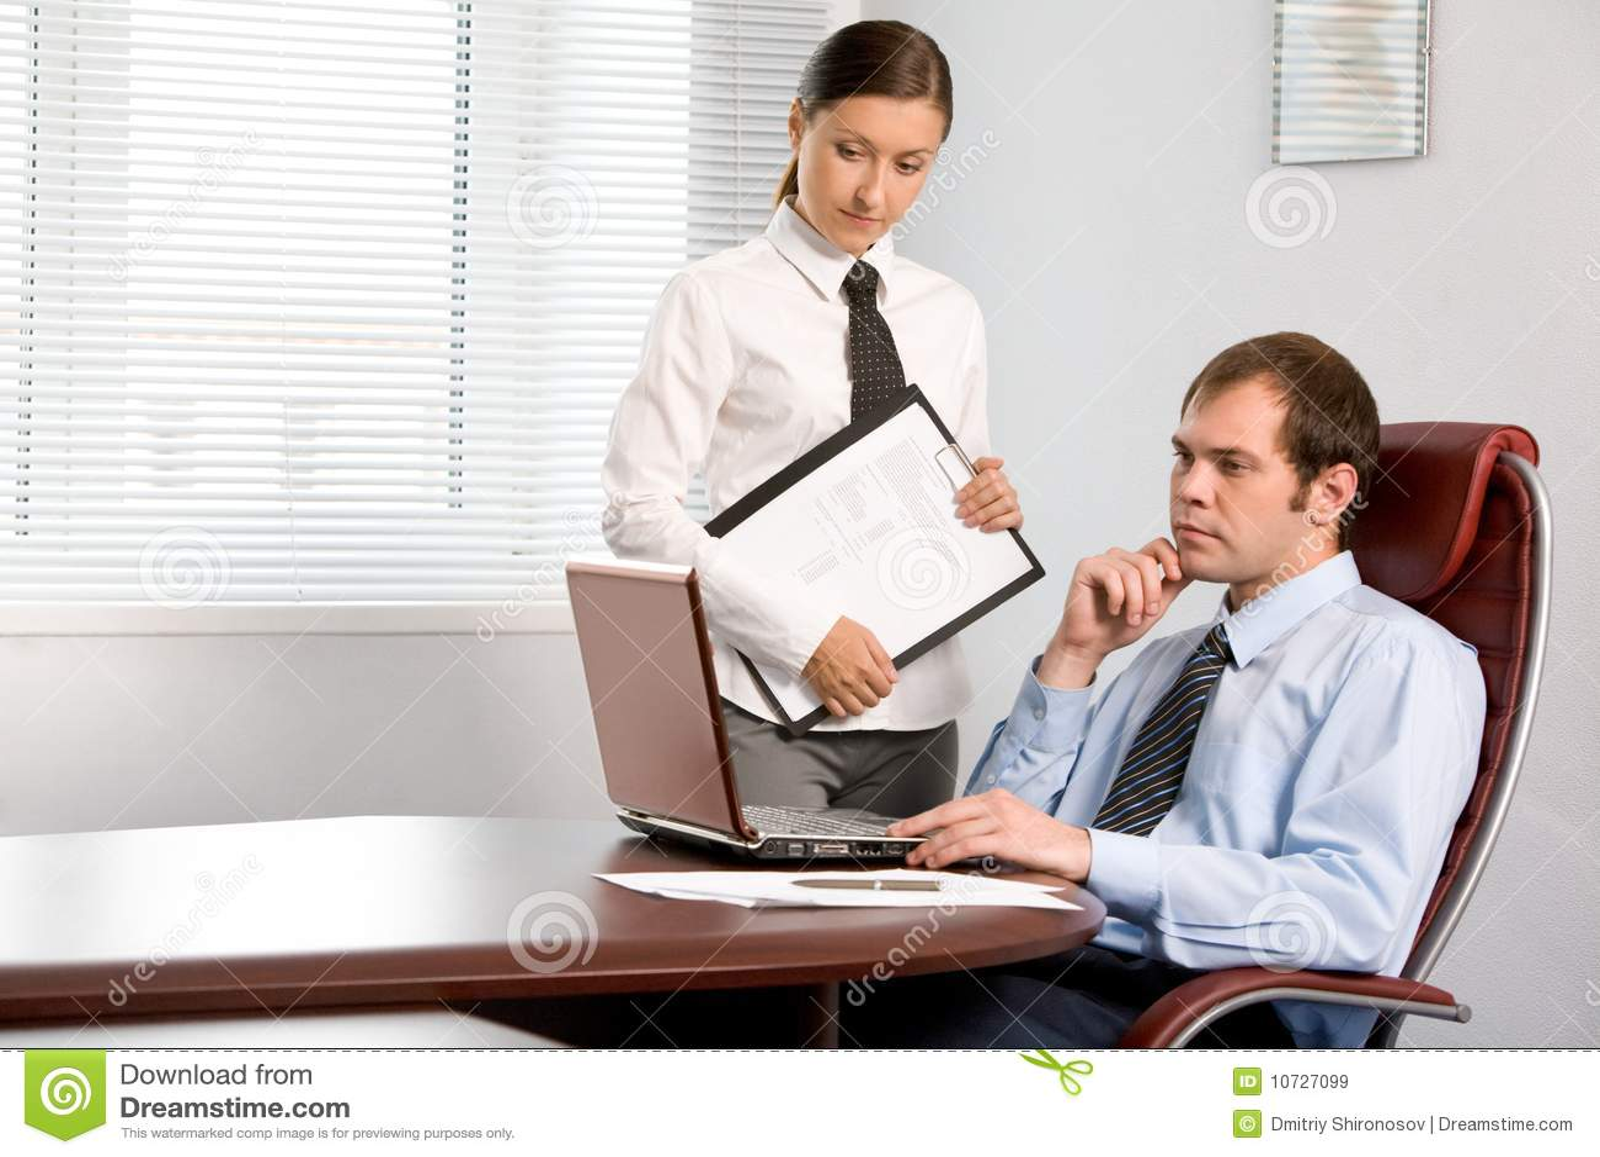 Секретарь и директор рассказ 3 фотография